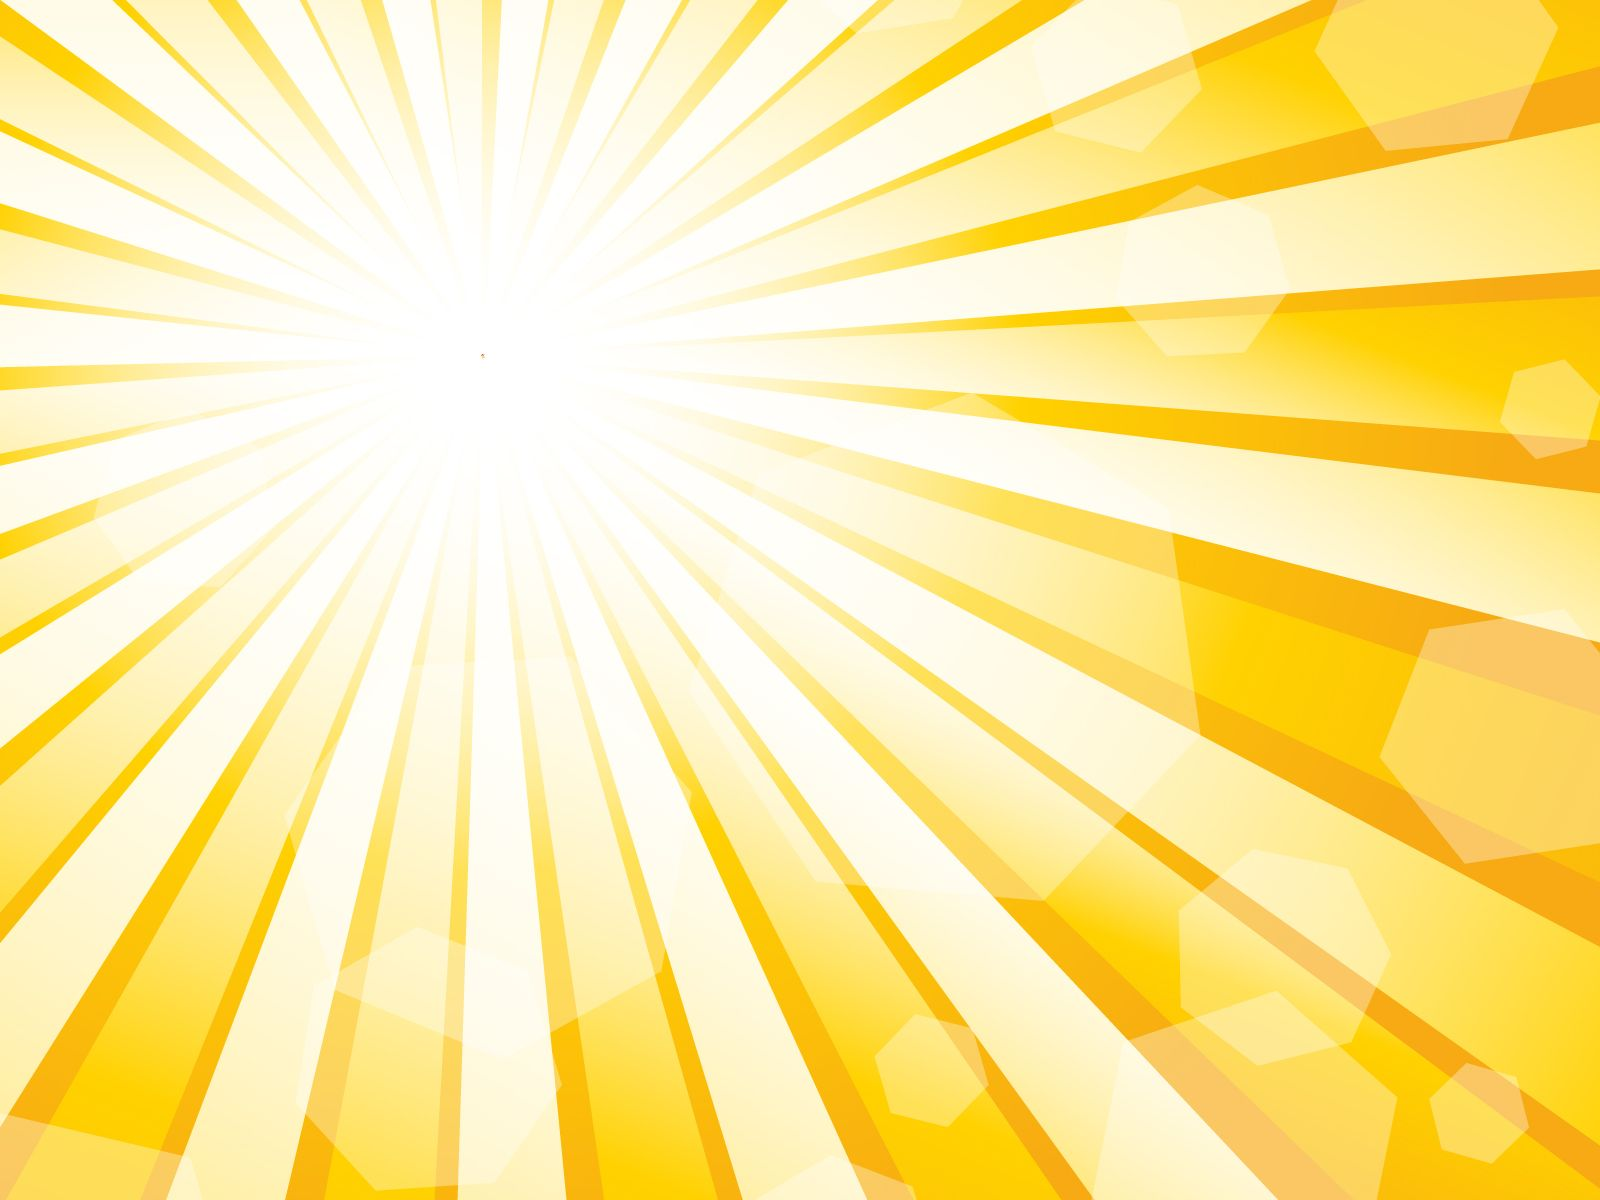 Sun Burst Effect Powerpoint Template